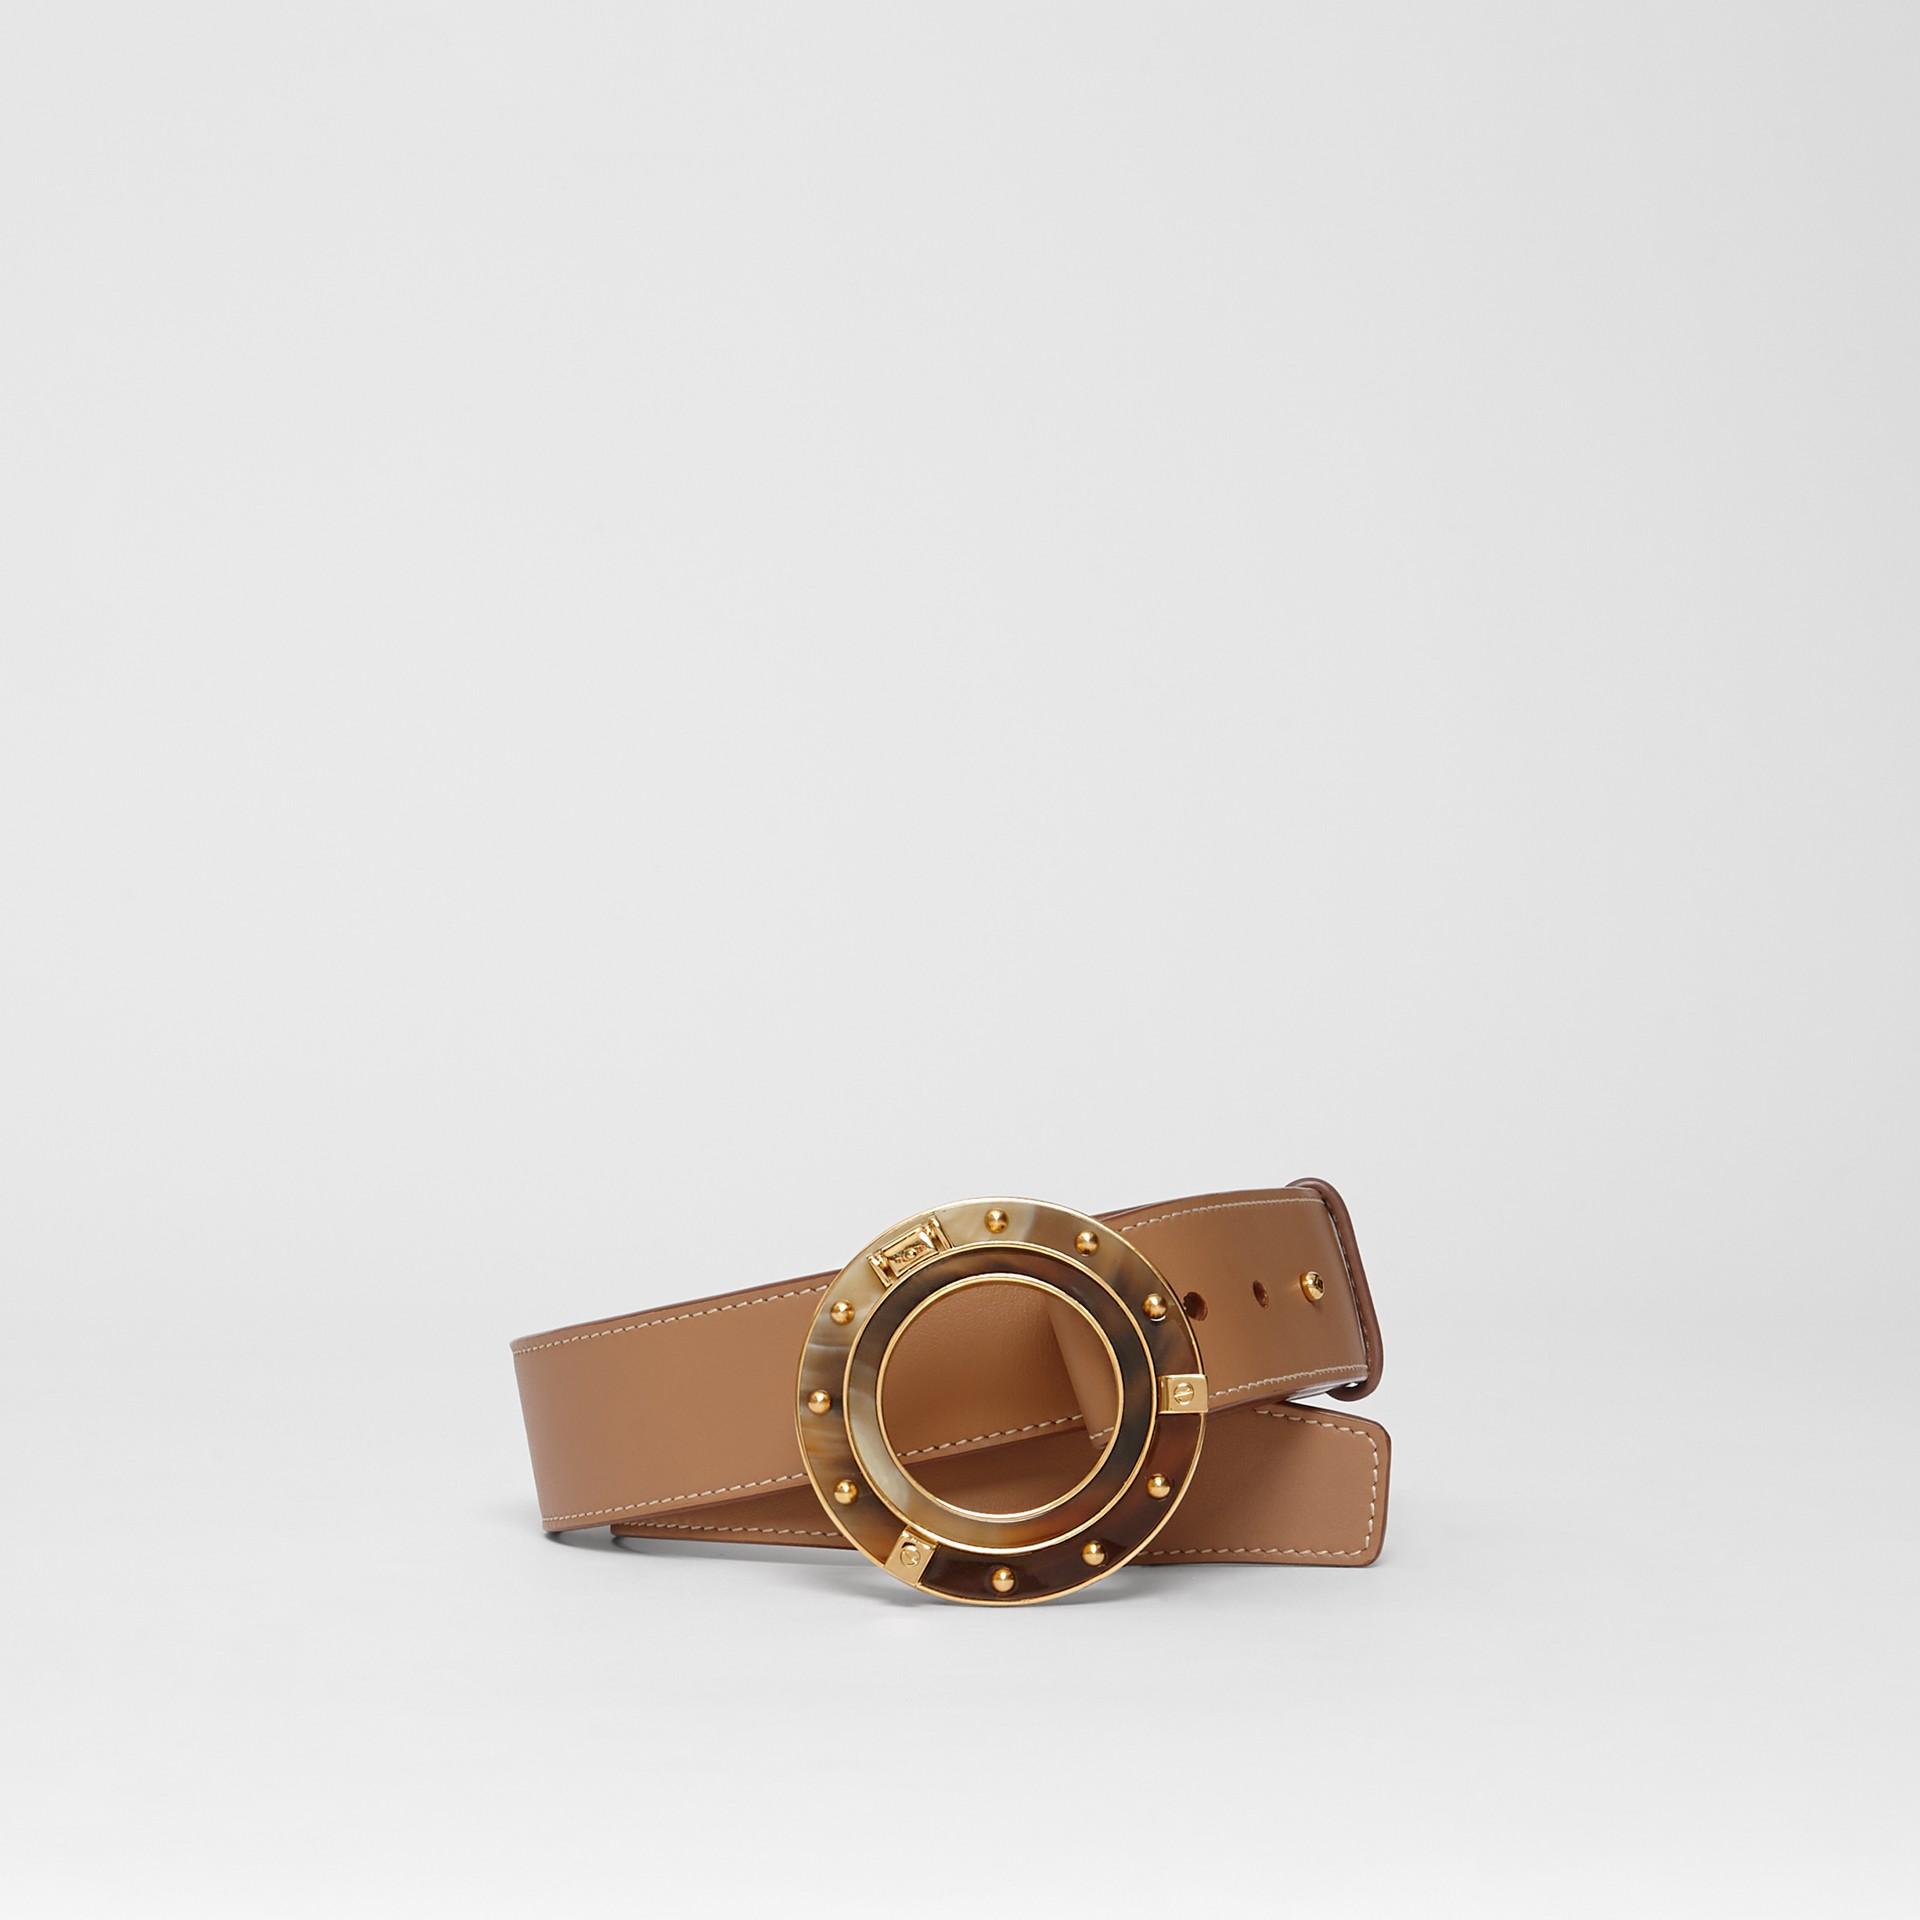 Ремень из кожи с пряжкой из ювелирной смолы (Светло-песочный) - Для женщин | Burberry - изображение 0